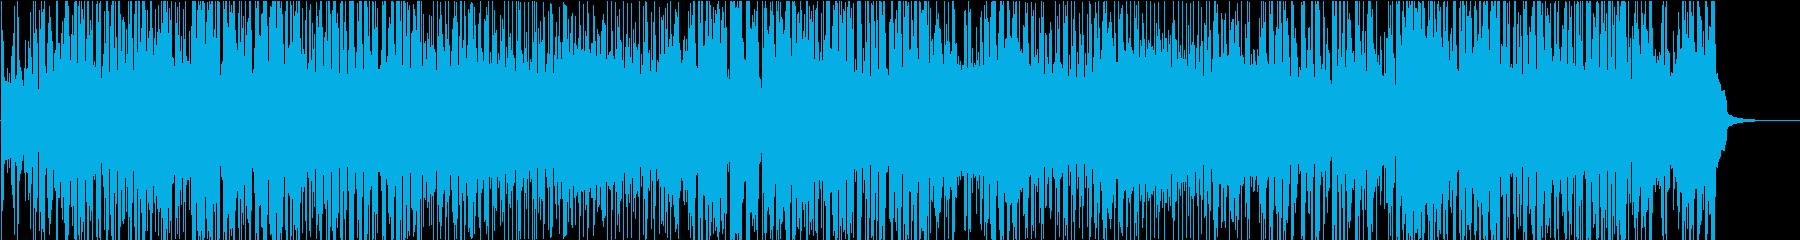 オープニングBGM 盛り上がる元気なスカの再生済みの波形